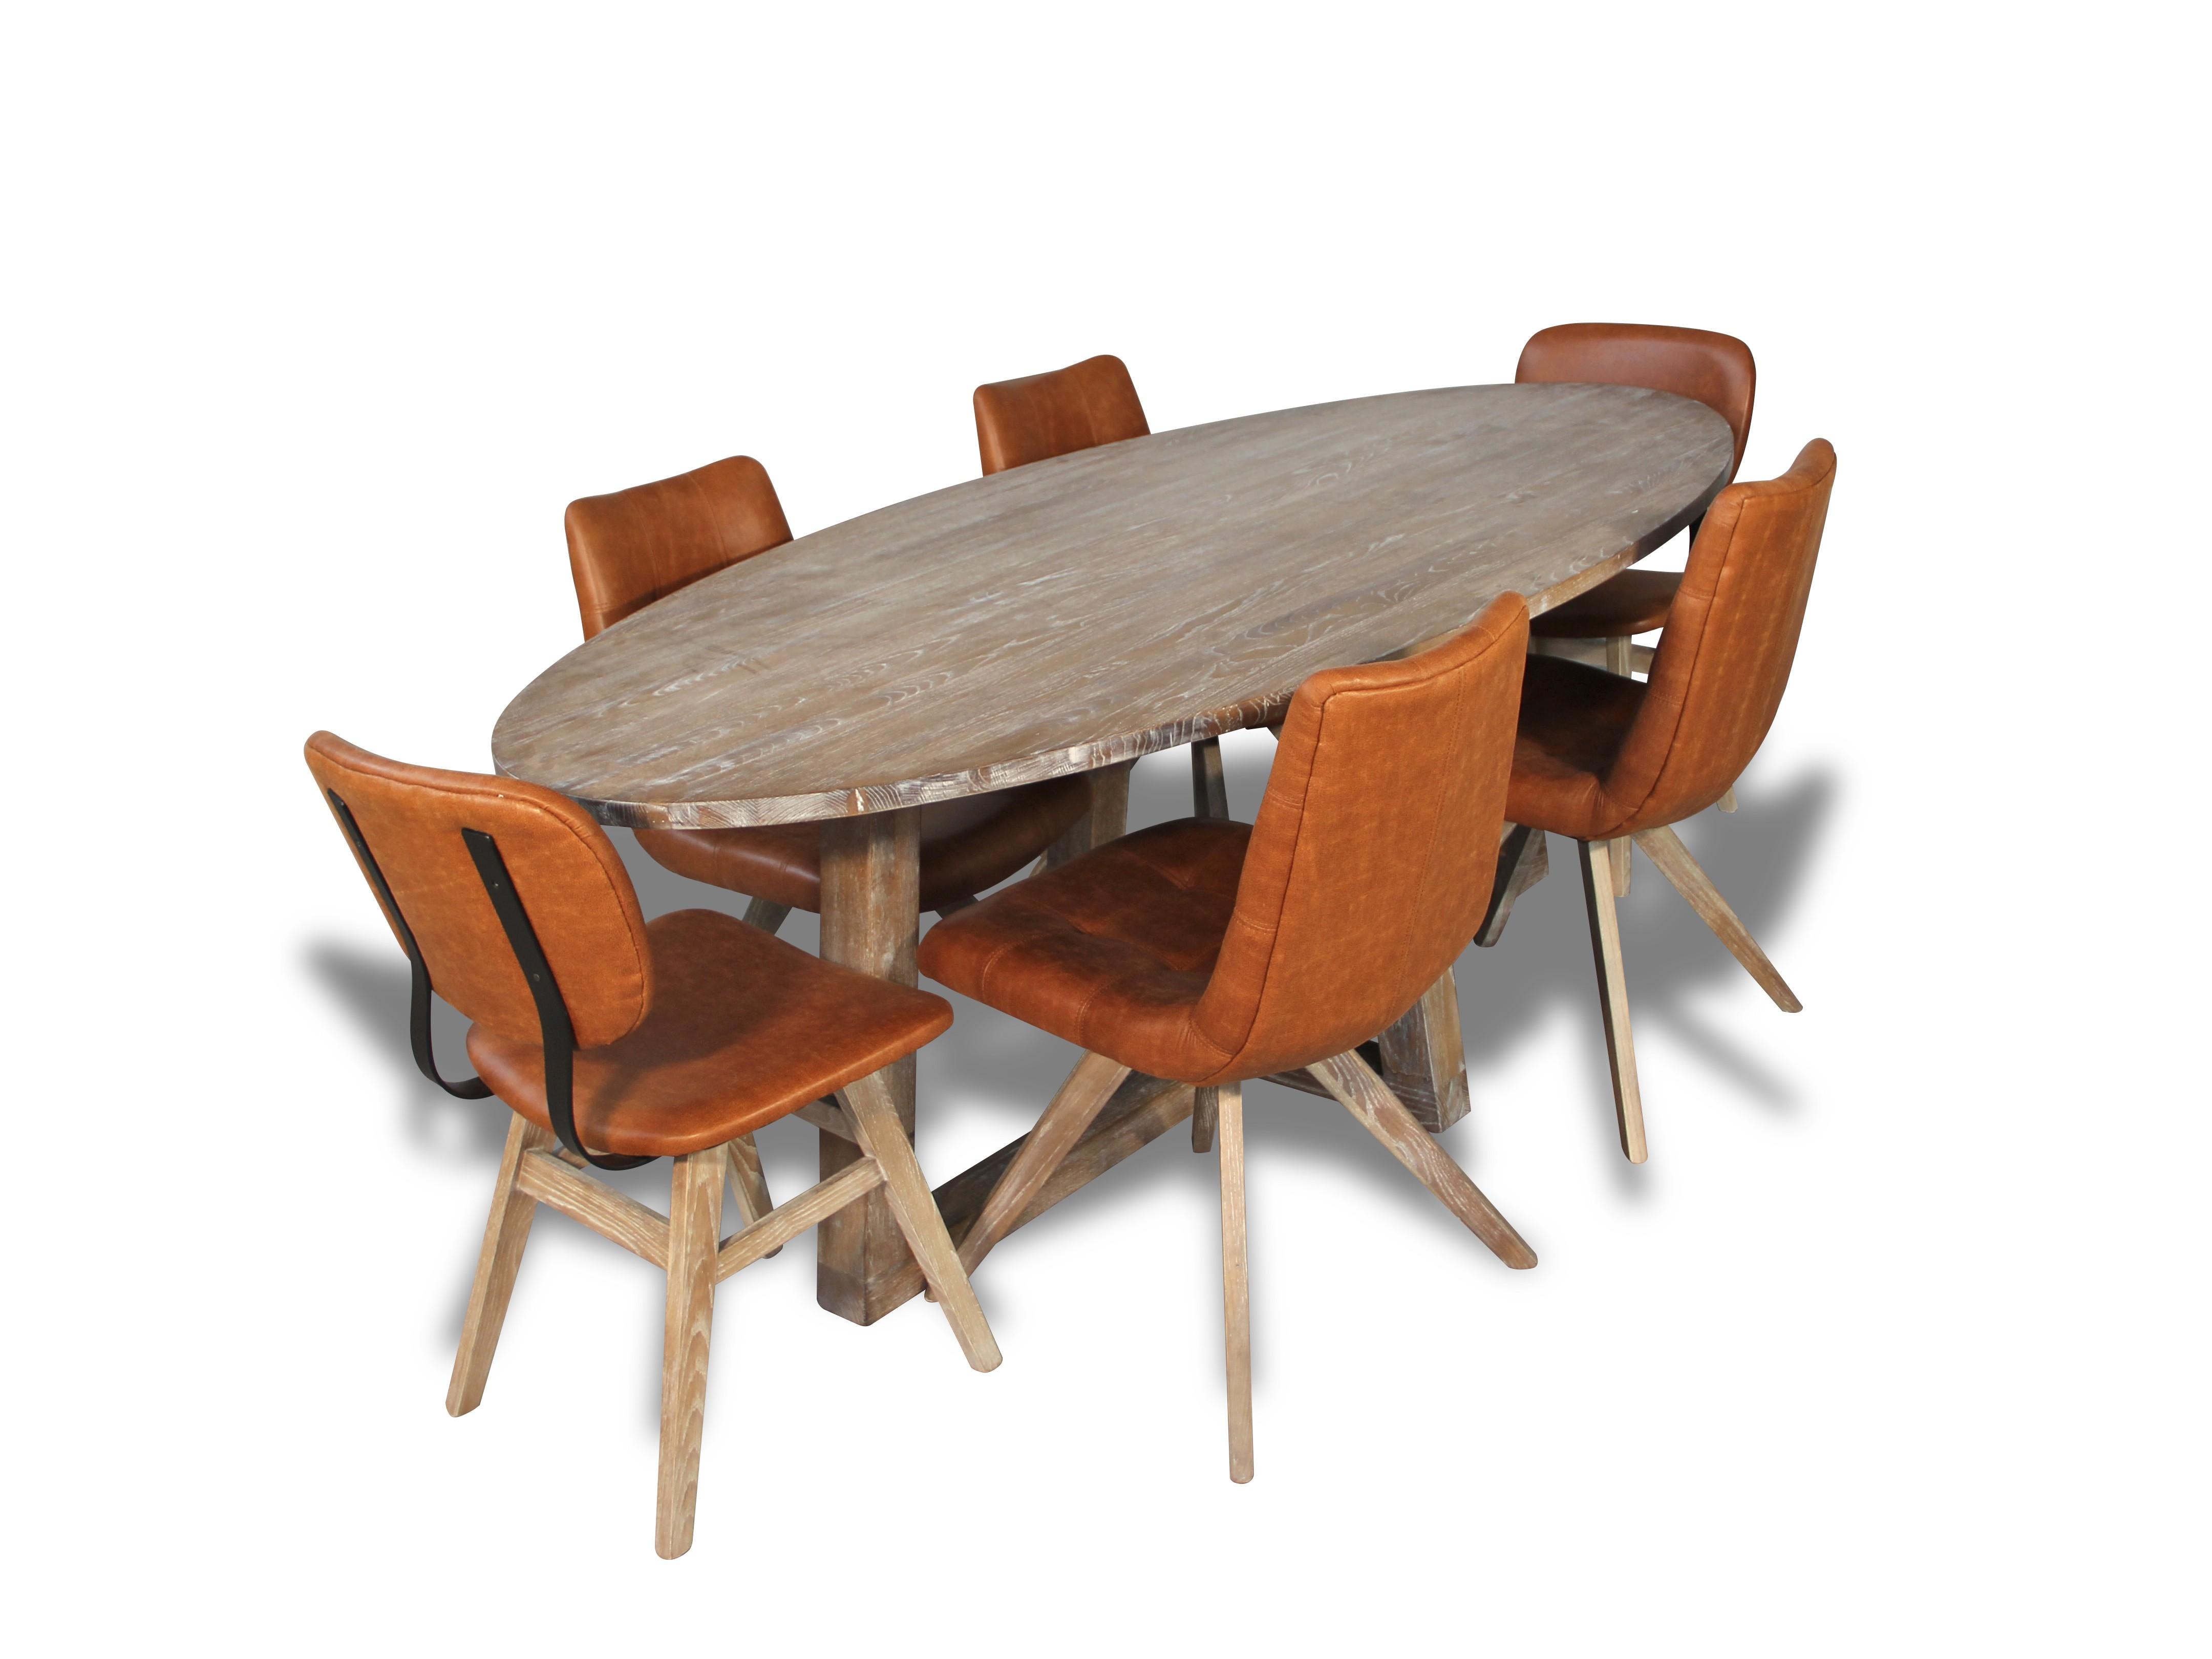 Ovale Esstisch 220 Cm In Patina Gebleicht Eichenholz, 6-8